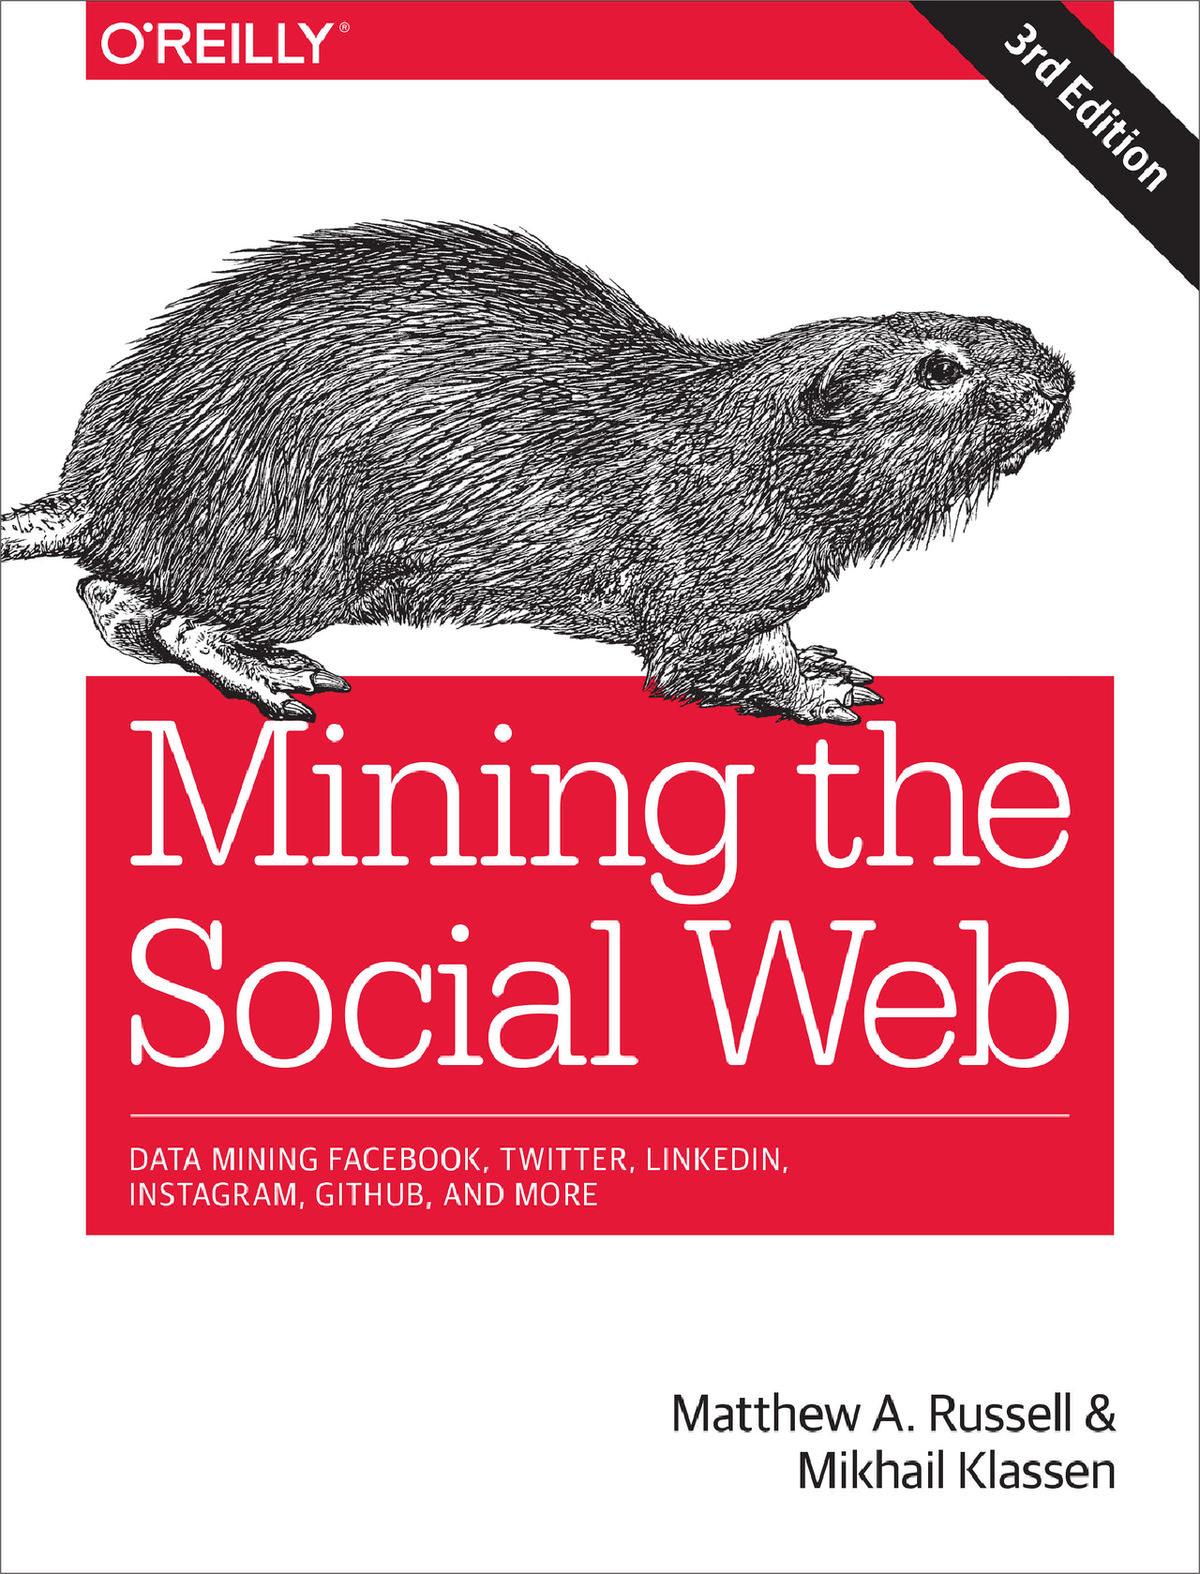 Sanet - Libro sobre minería de redes sociales